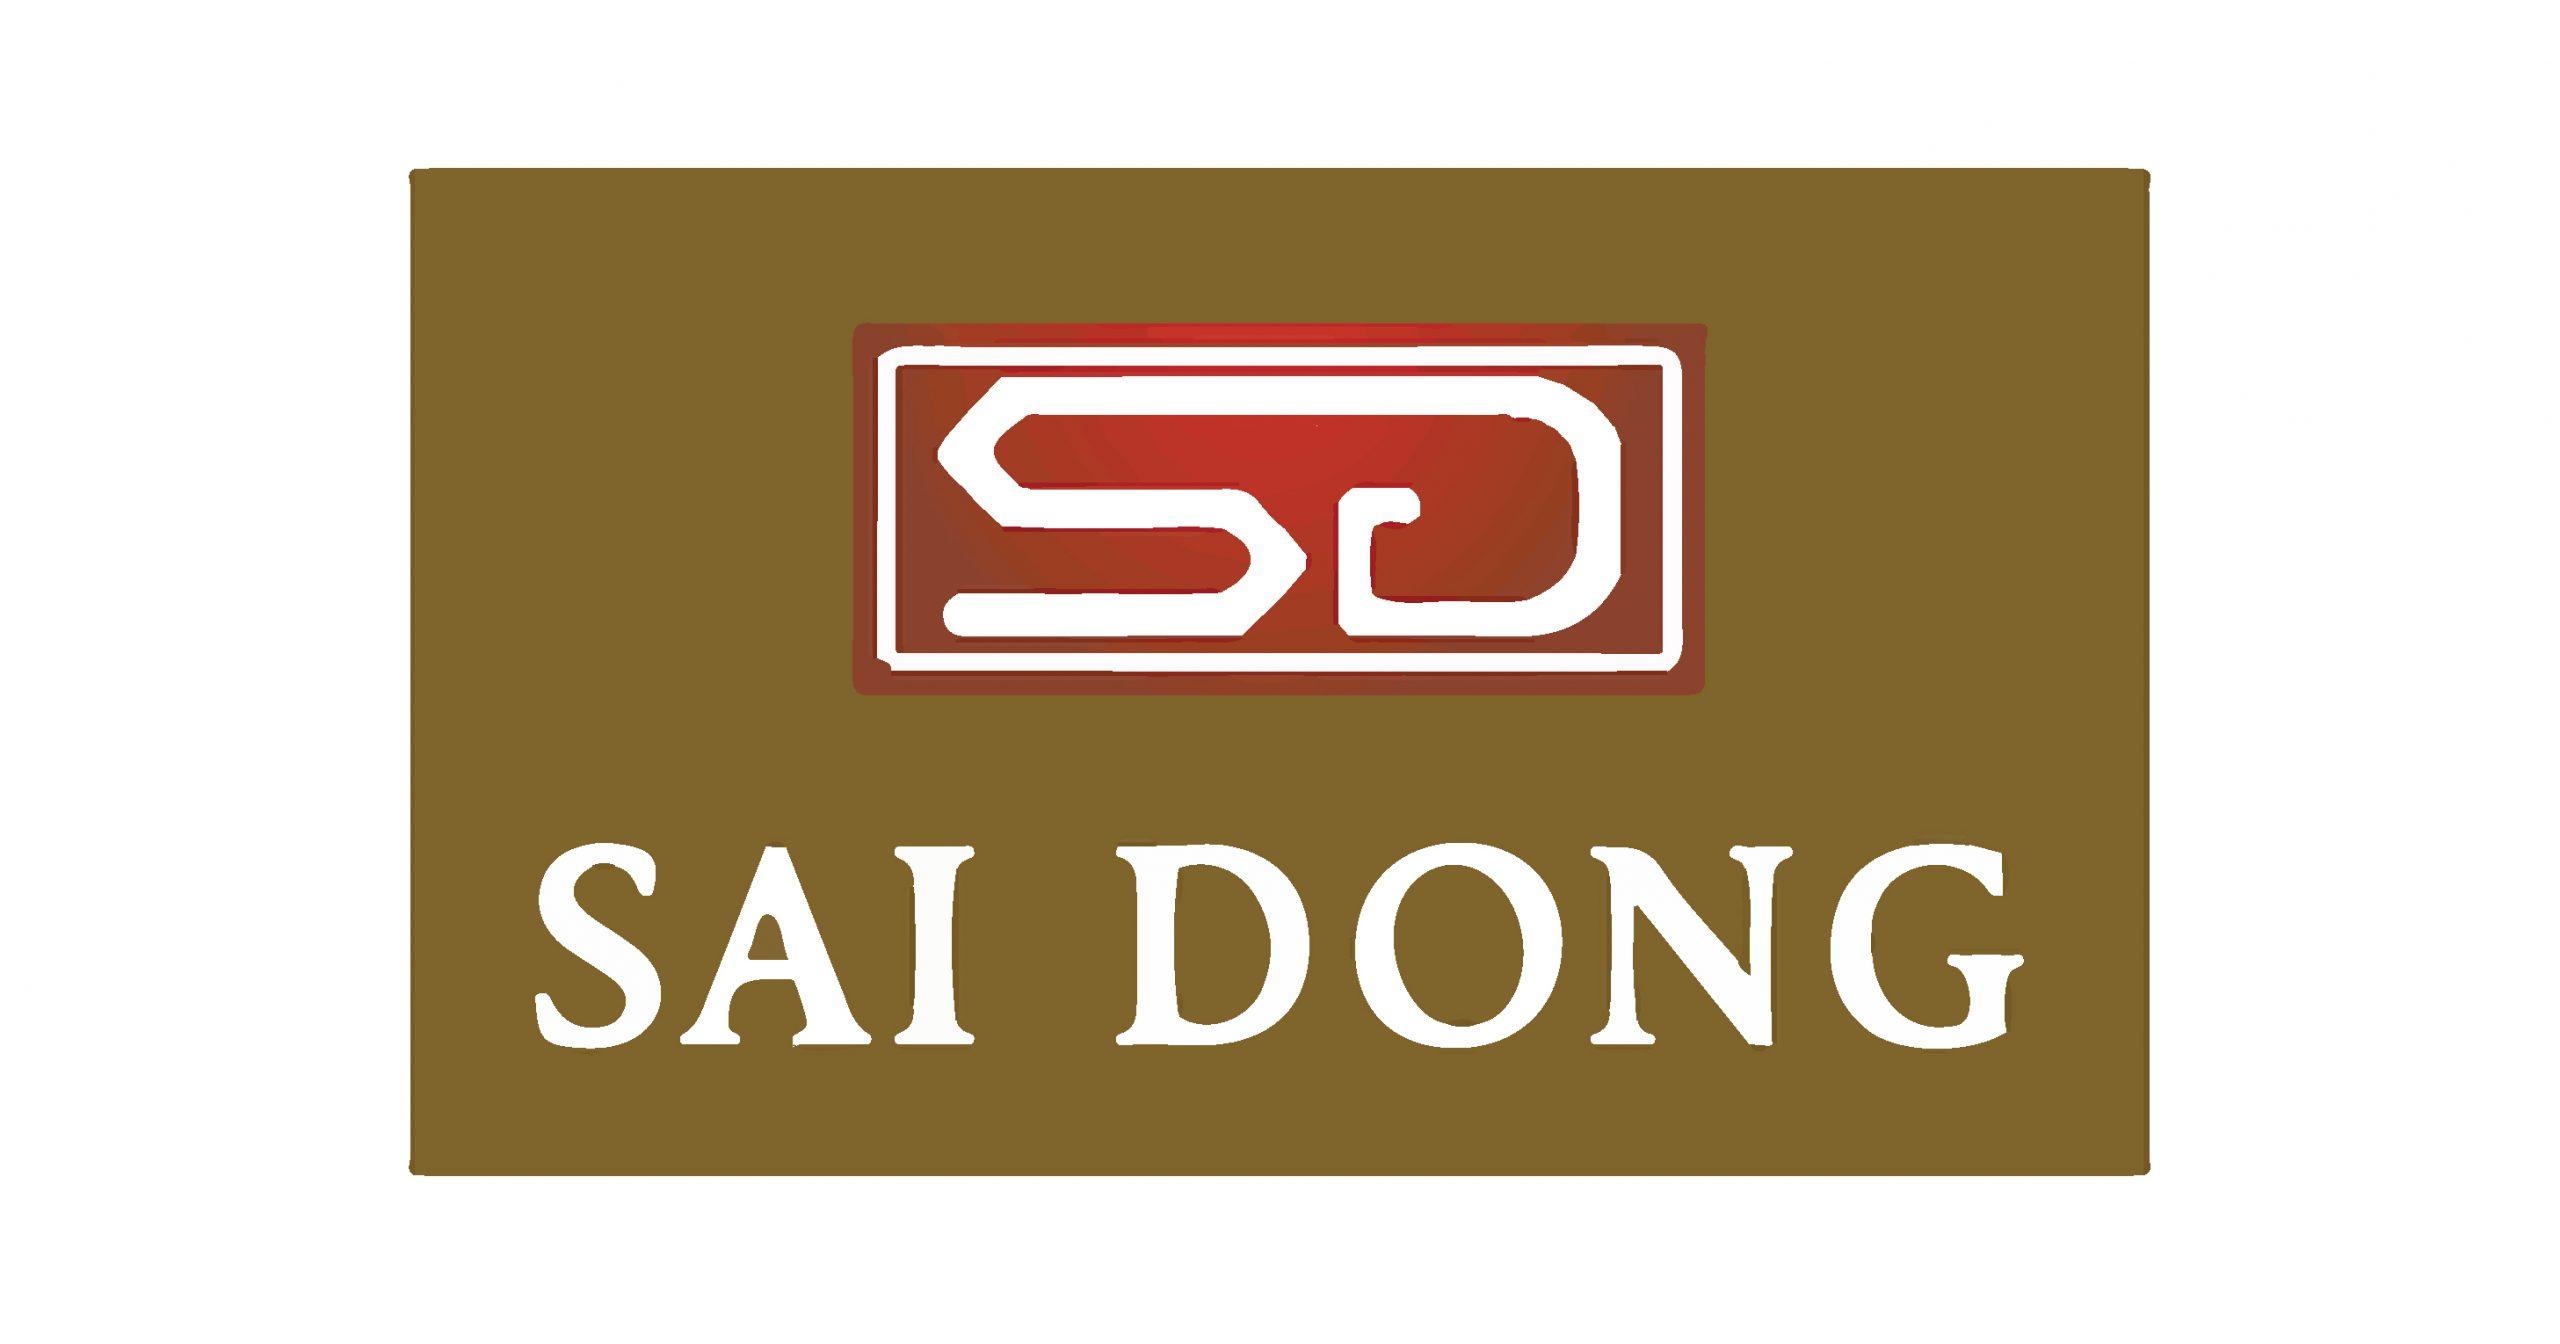 SaiDong